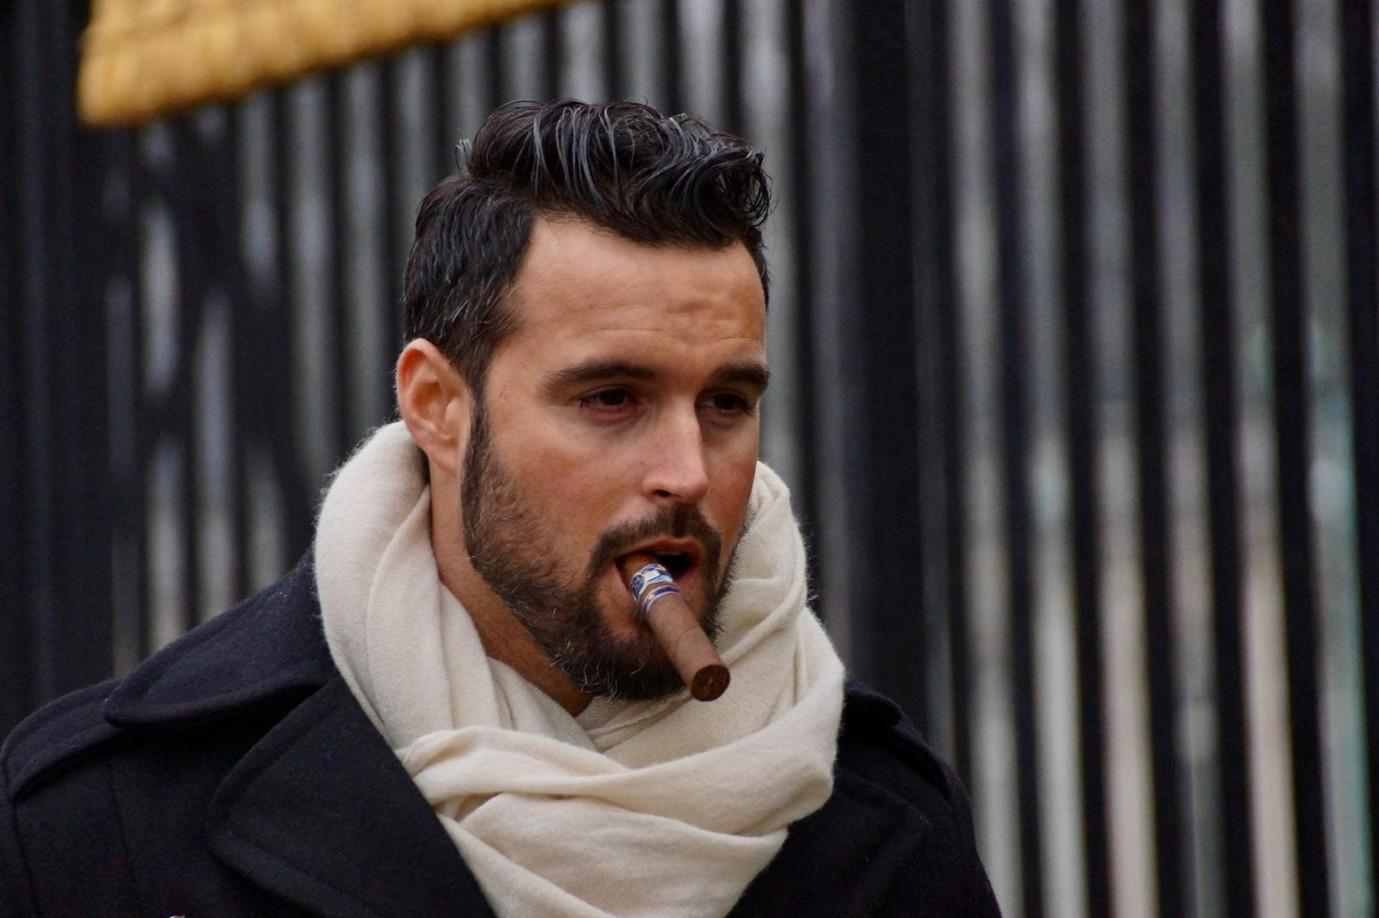 Cigar Smoking Hunks: YOUNG SMOKERS